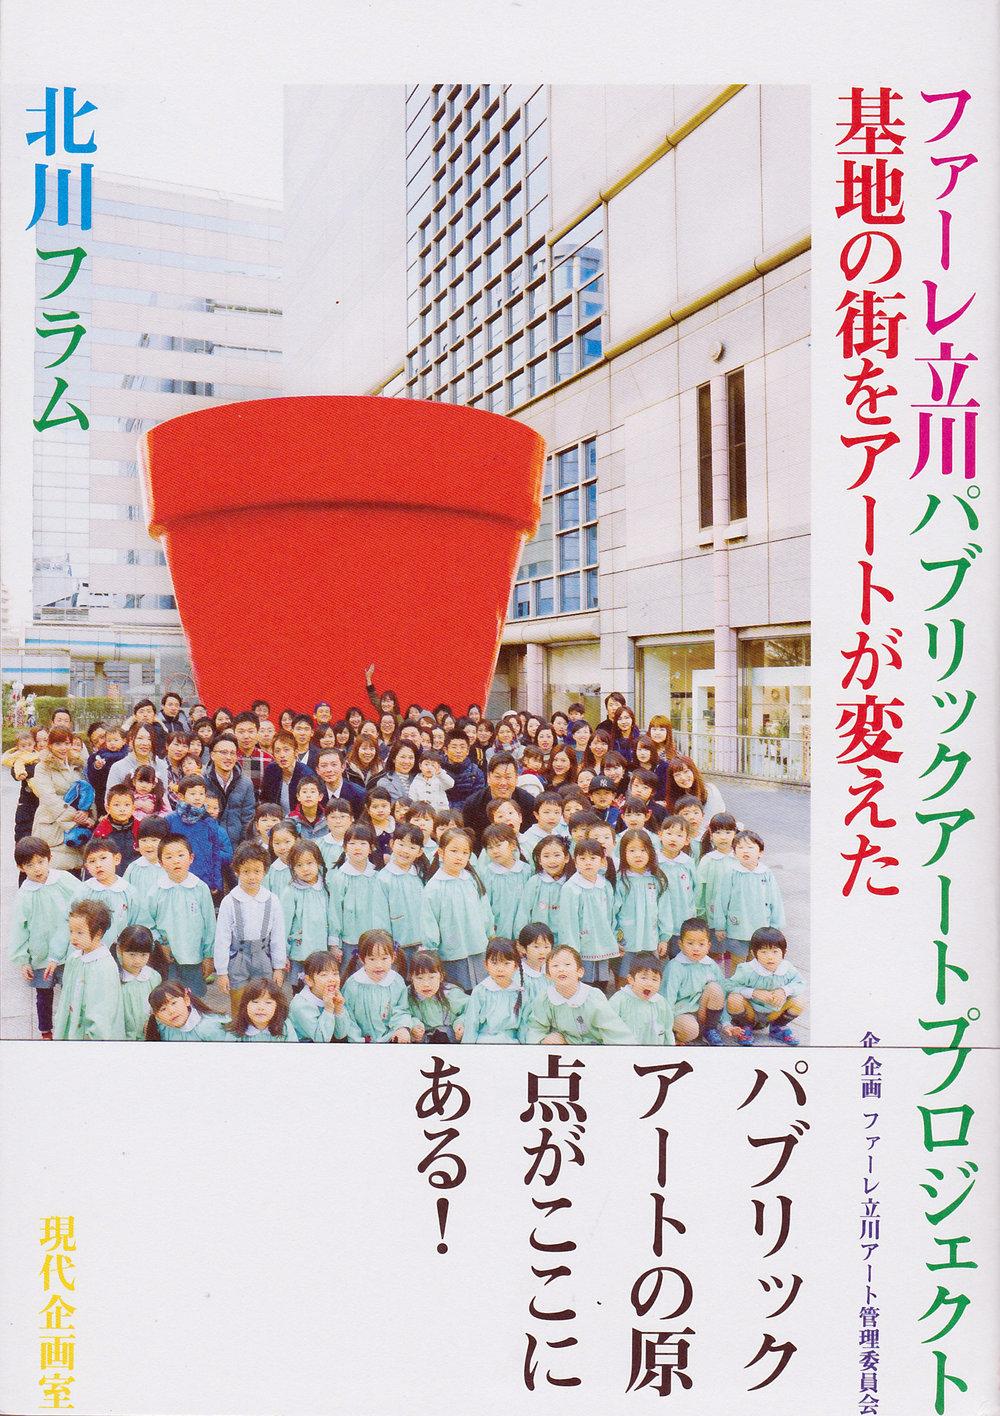 FARET TACHIKAWA PUBLIC ART PROJECT